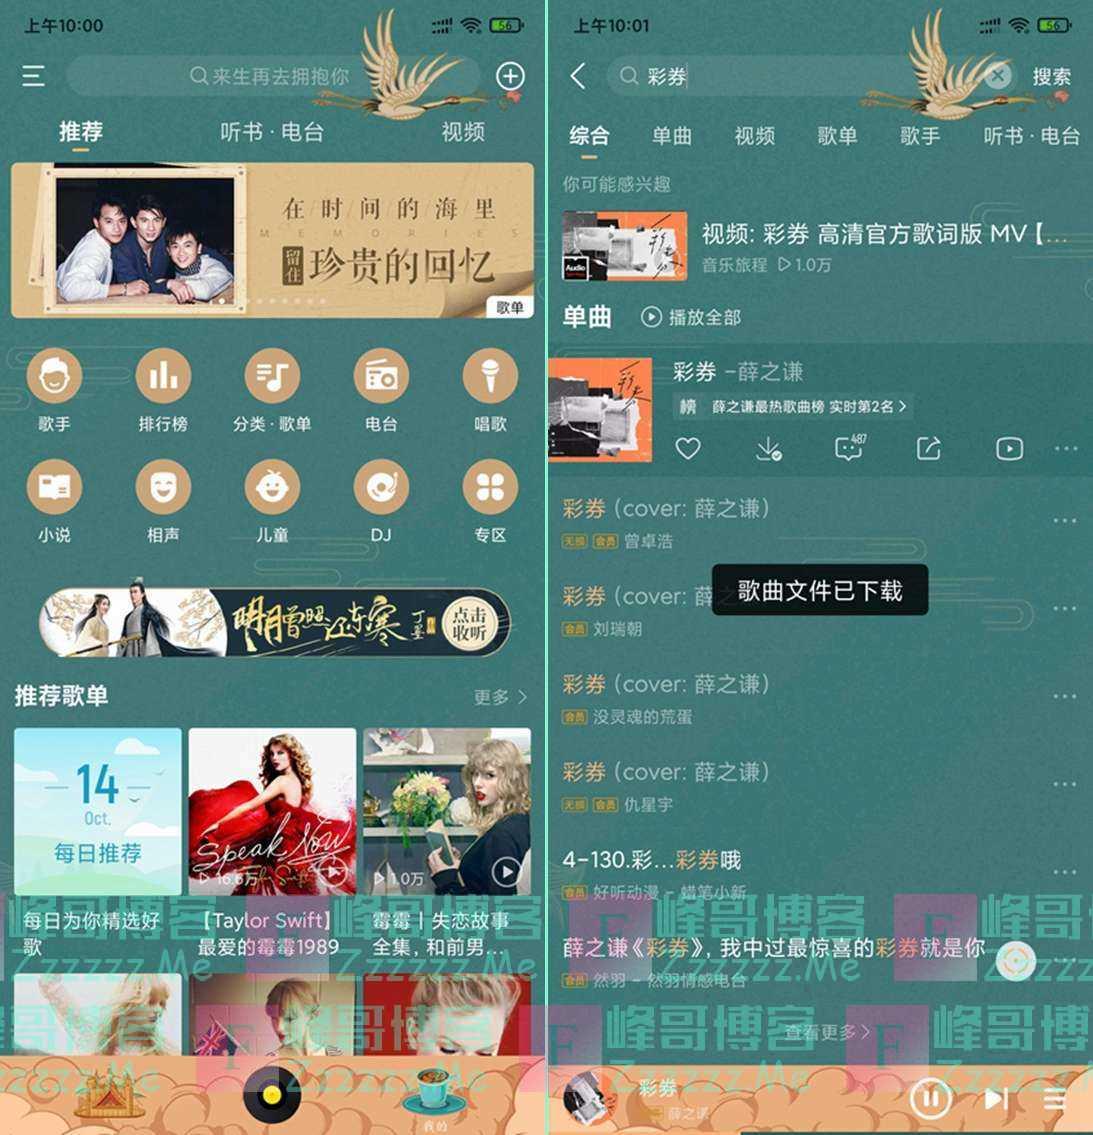 安卓酷我音乐V9.3.5.0 安卓酷我音乐豪华SVIP会员破解版下载